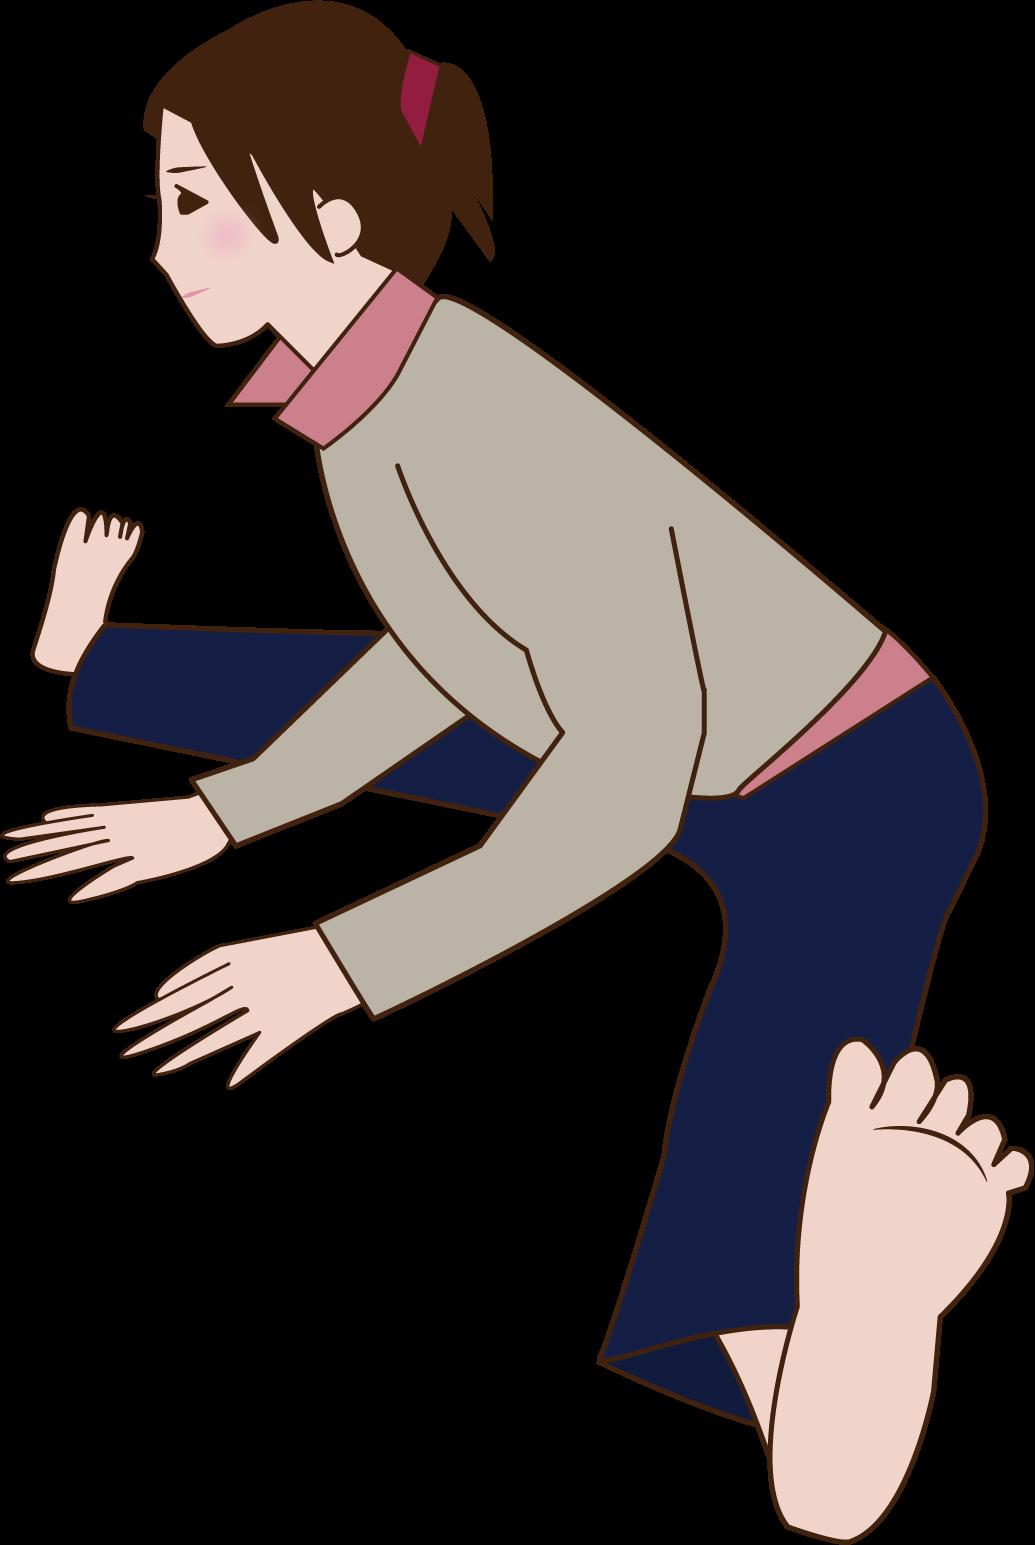 股関節ストレッチ (1)